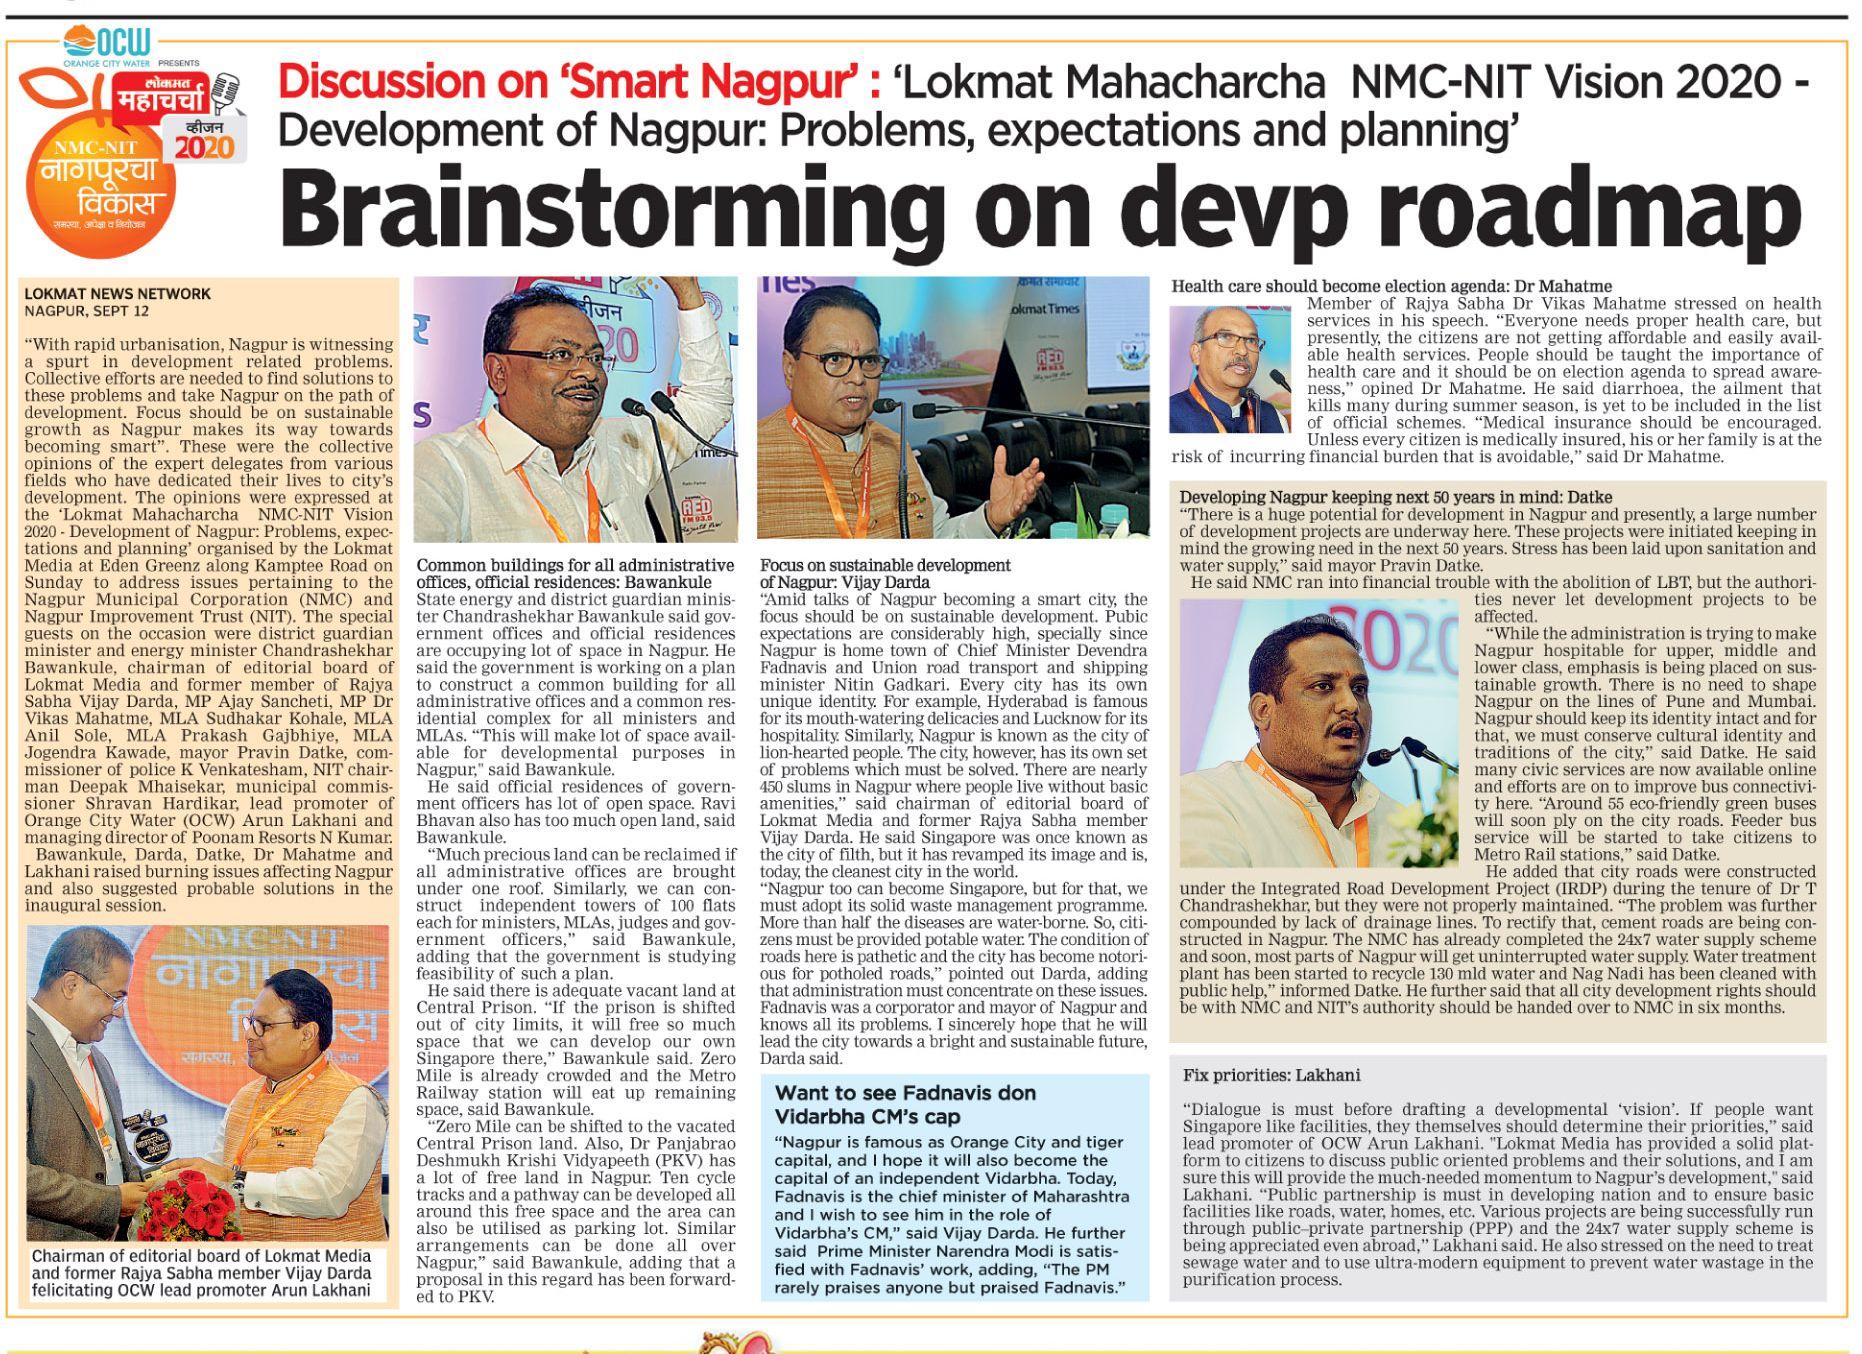 Brainstorming on devp roadmap